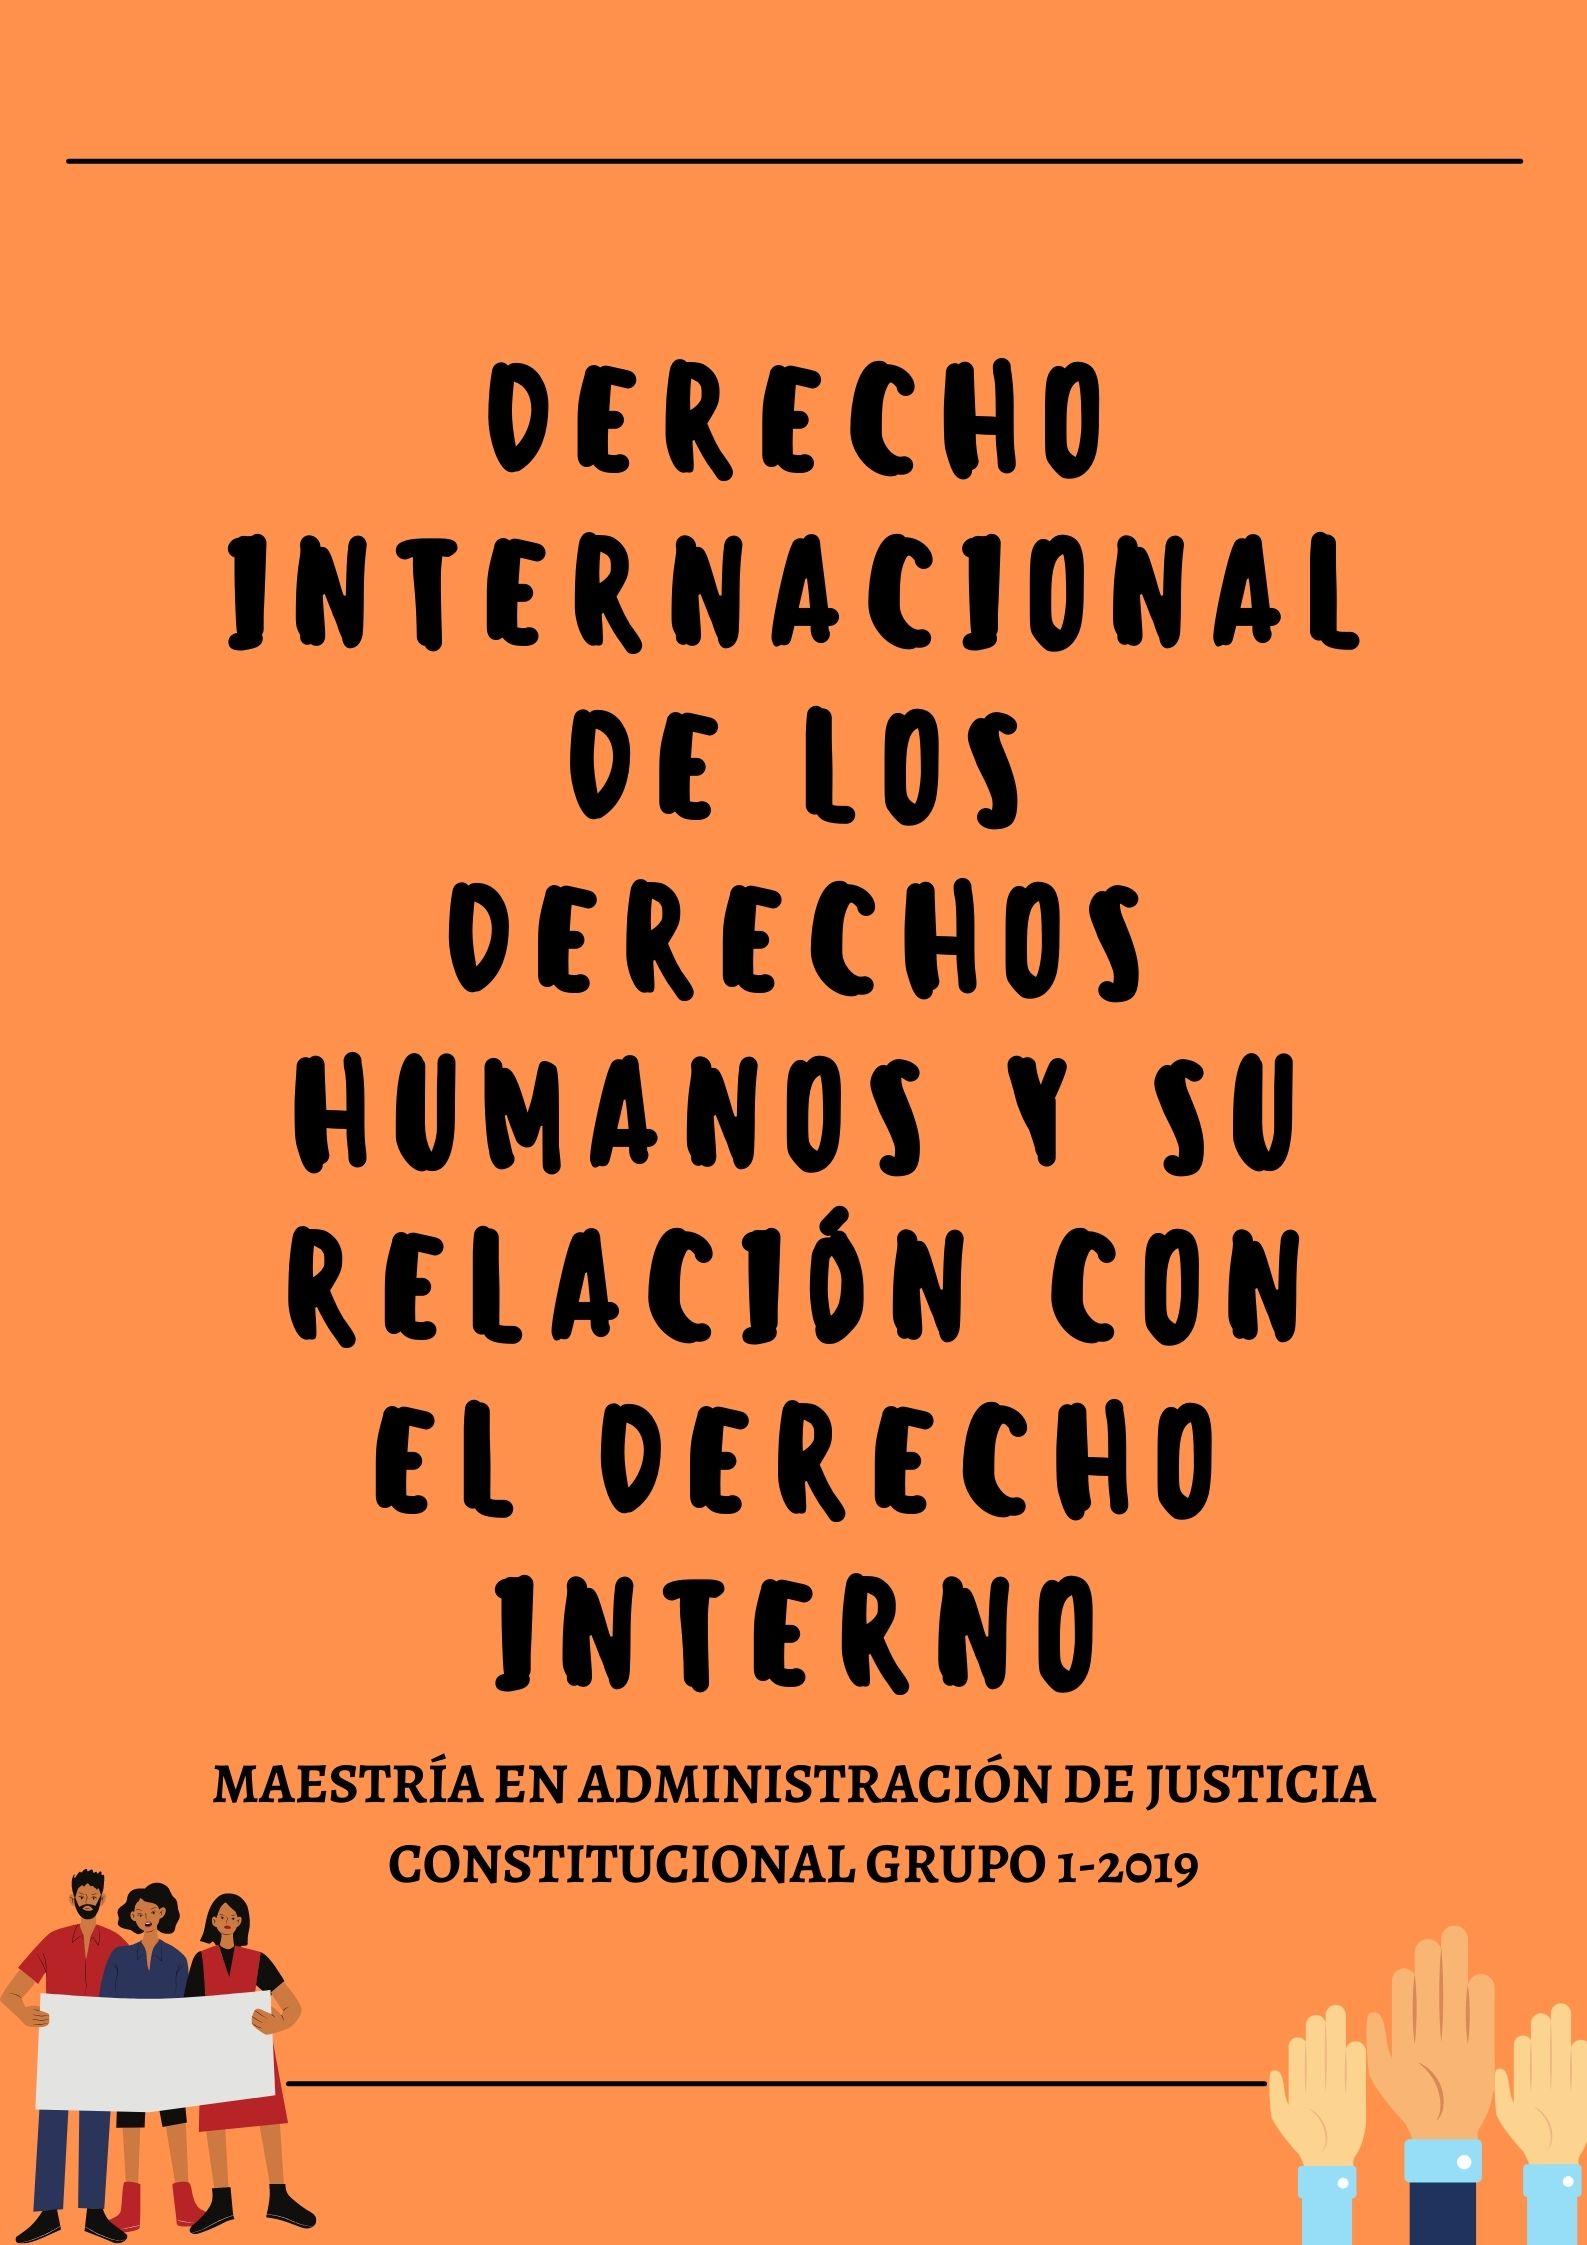 MAJC-215-21-01 Derecho Internacional de los Derechos Humanos y su Relación con el Derecho Interno